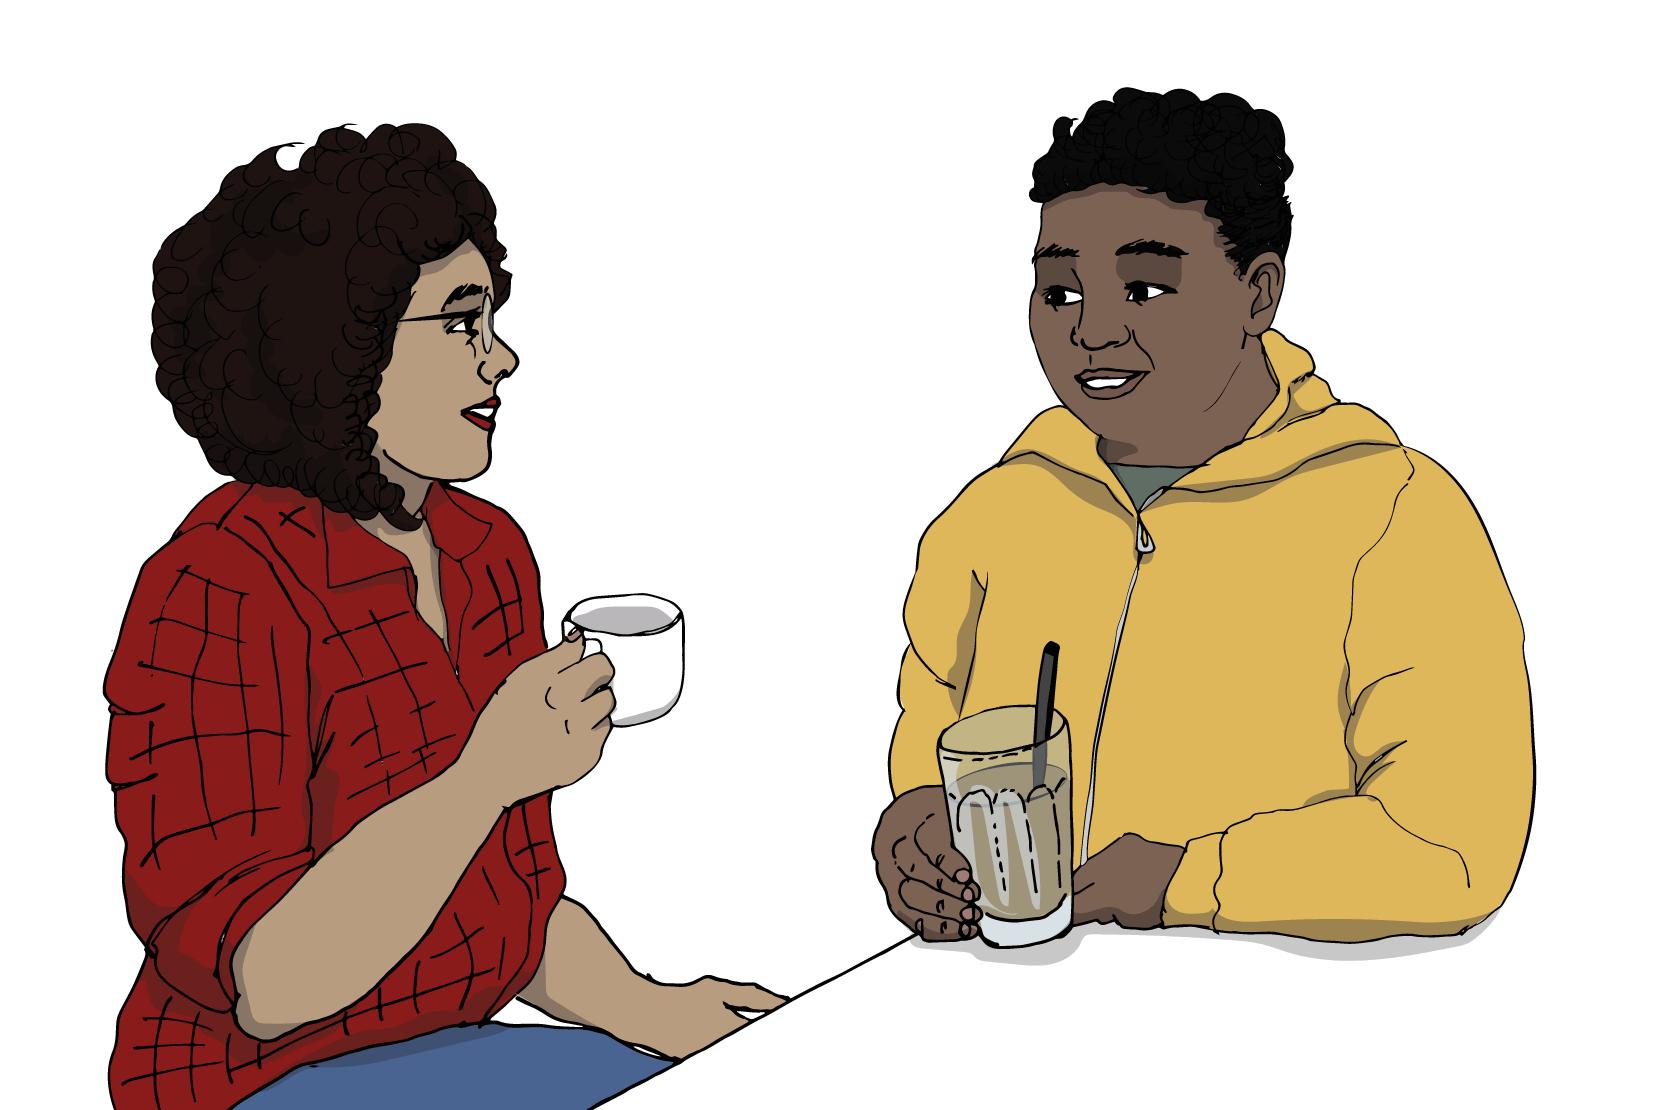 lära känna någon Dating Tips Hur fungerar online dating Works